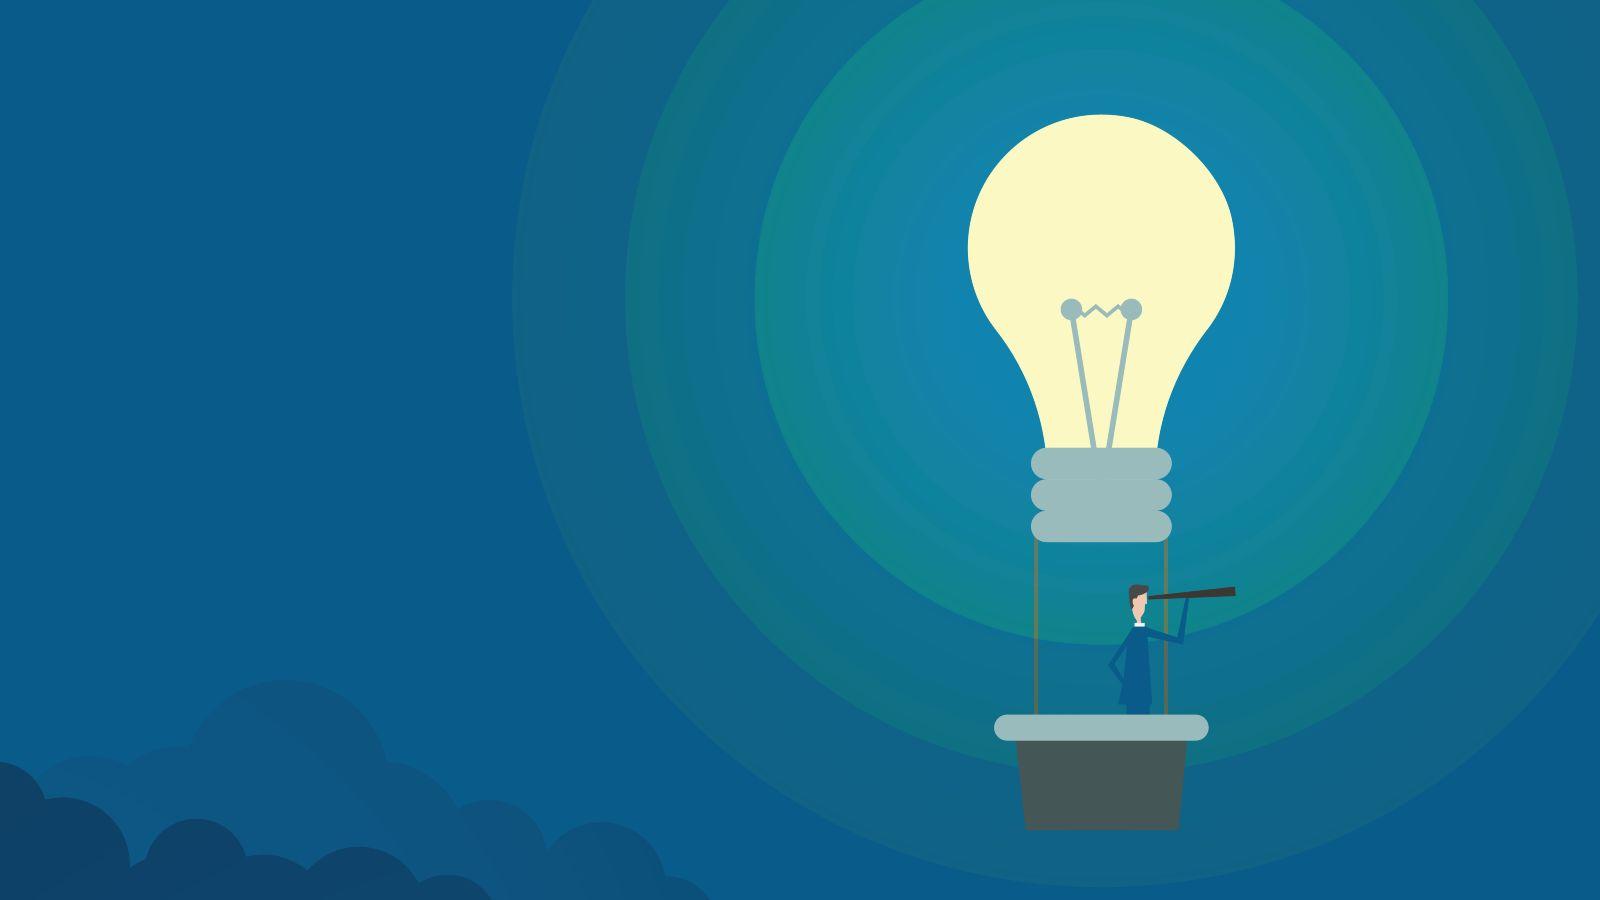 Das Bild ist eine Zeichnung. Es zeigt einen Mann mit einem Fernrohr in einem Heißluftballon - wobei der Ballon kein Ballon, sondern eine Glühbirne ist.